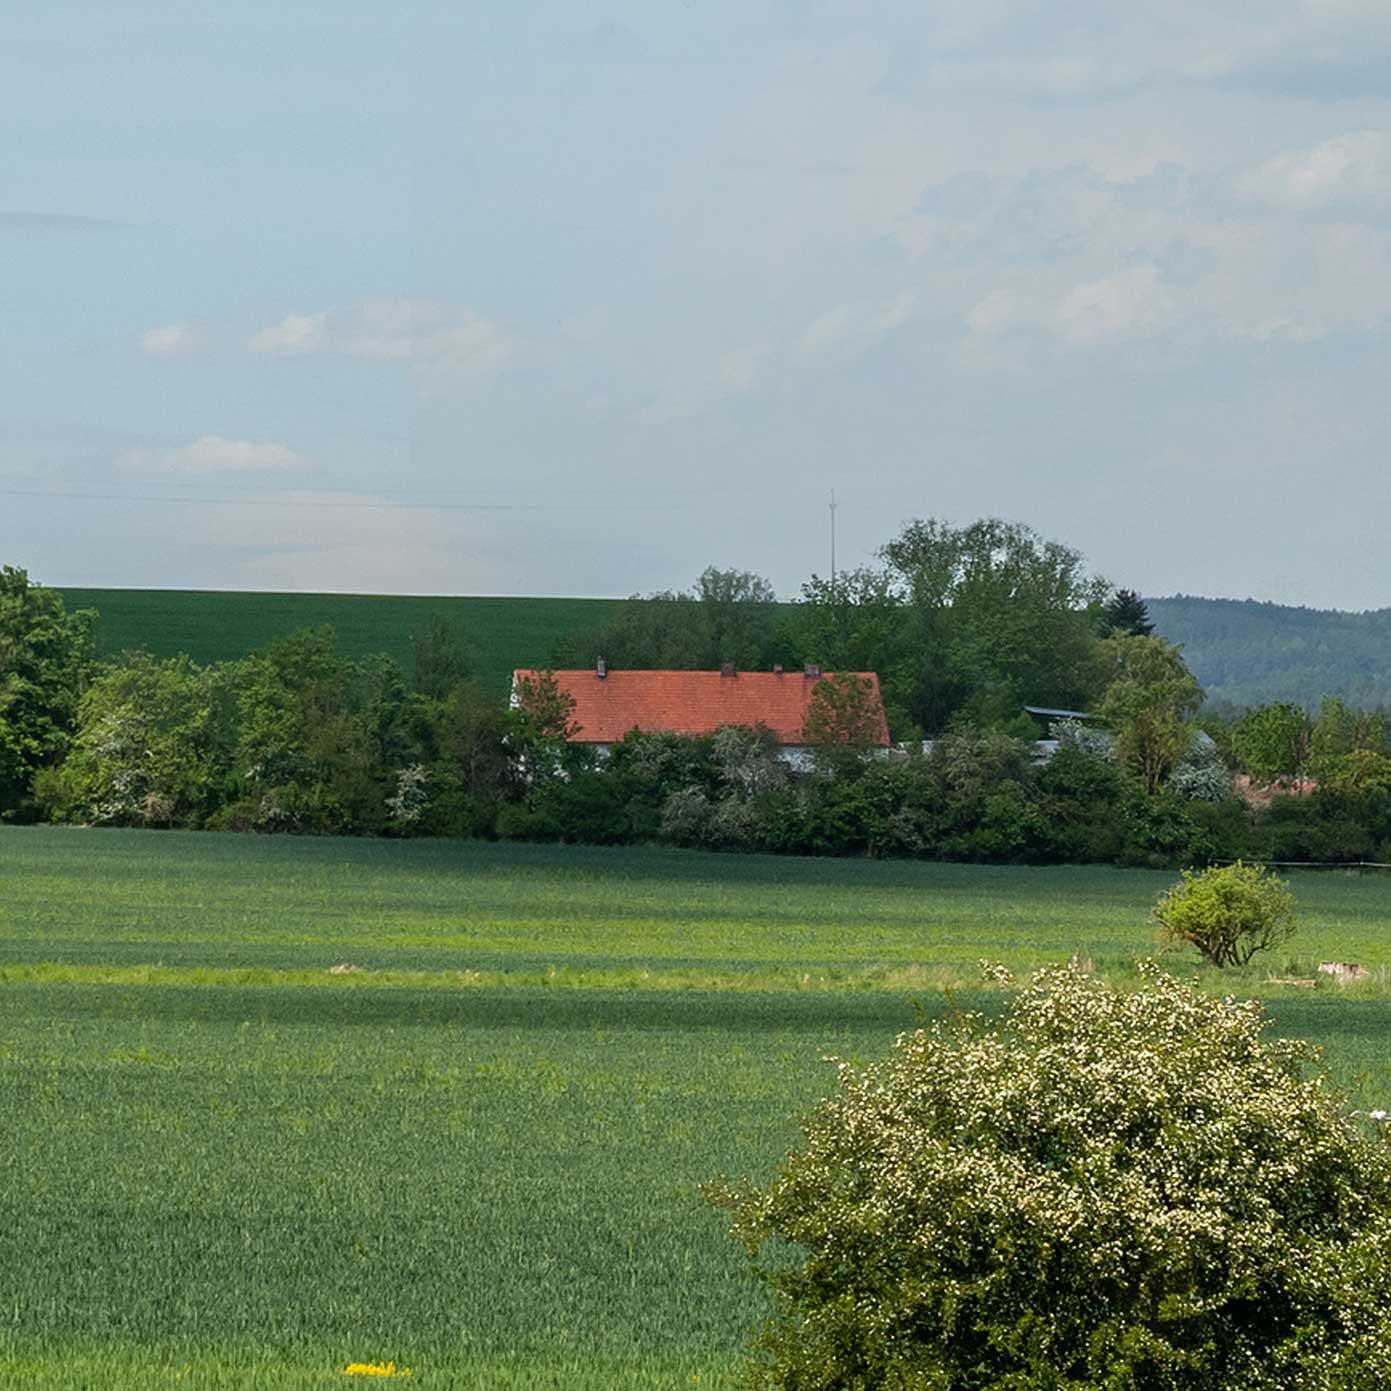 Münsterland Teil 1 – Modellbahn Hintergrund 300cm x 50 cm 2